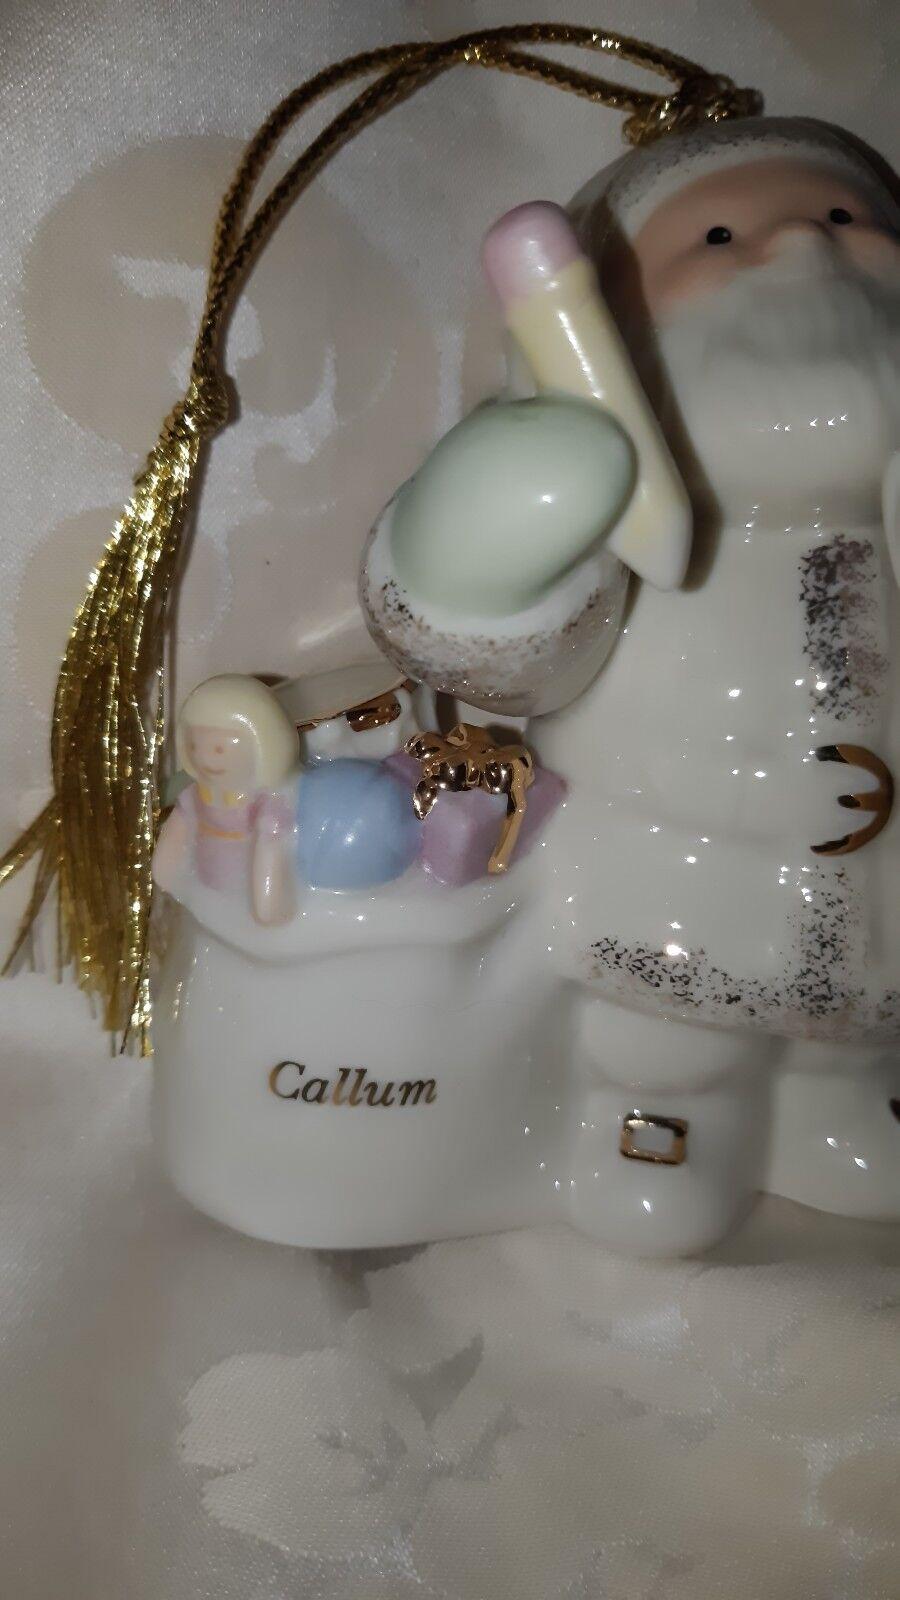 VINTAGE Lenox PORCELLANA personalizzato  Callum  BABBO NATALE NATALE NATALE ADDOBBO e5bf2f